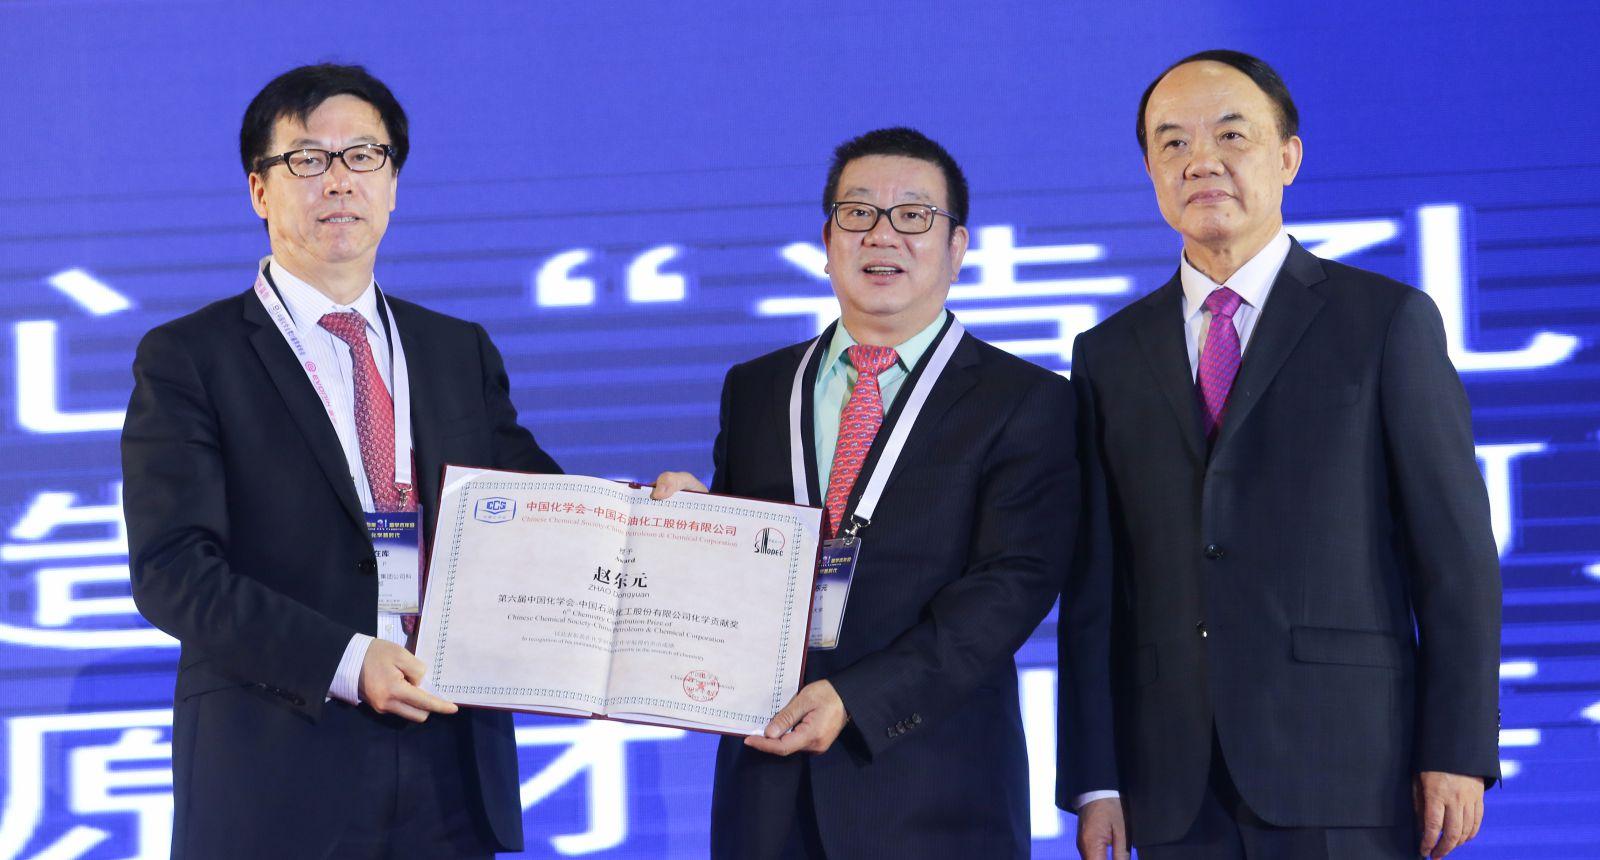 四位院士获颁第六届中国化学会化学贡献奖